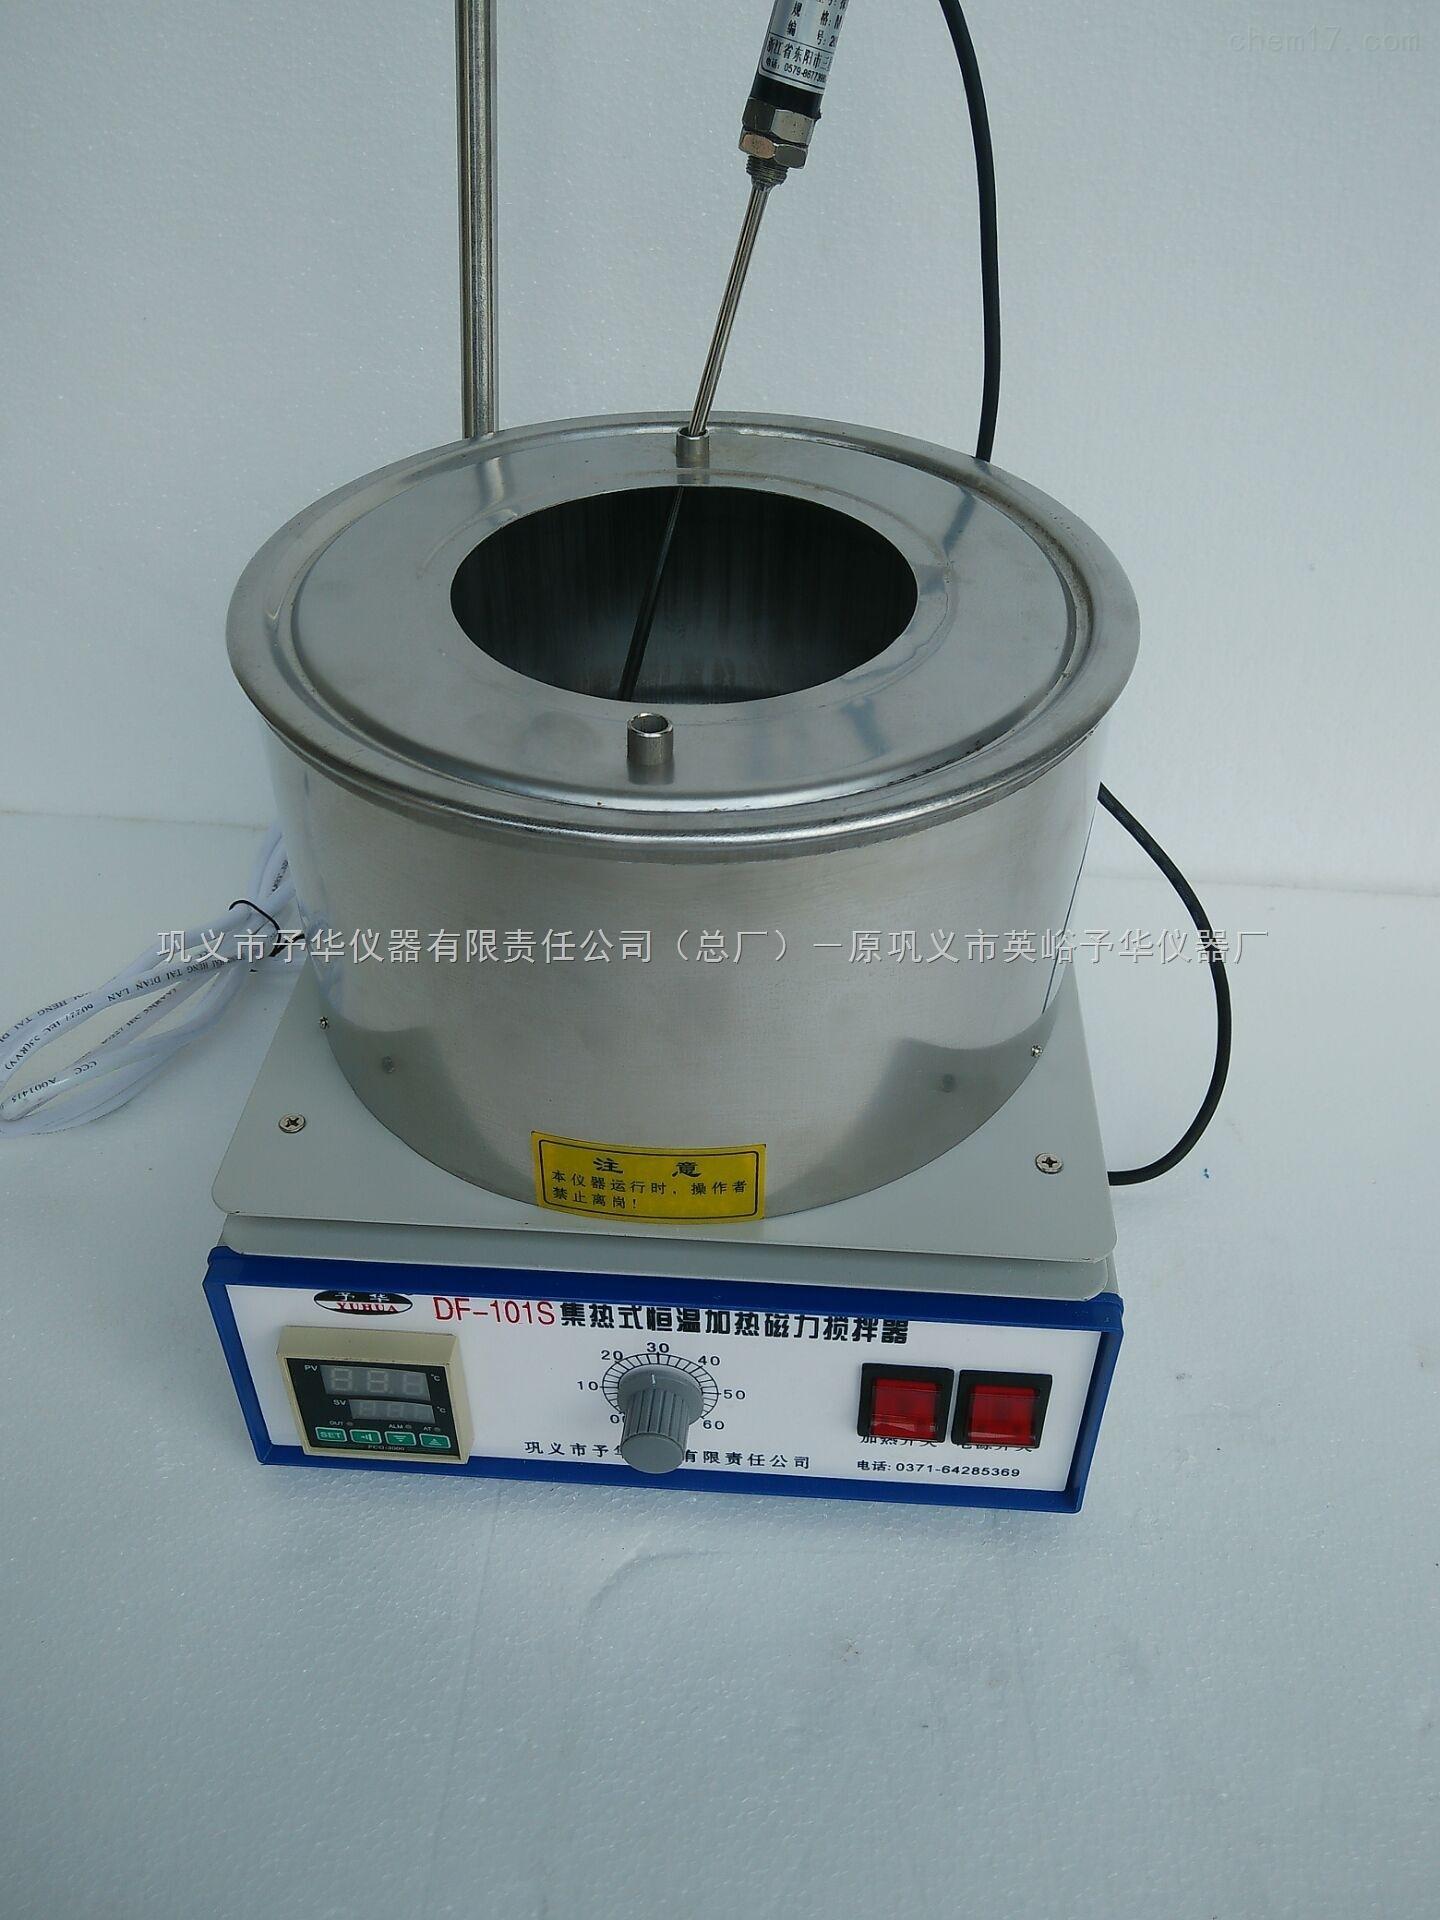 集热式磁力搅拌器-巩义予华仪器(厂家直销)